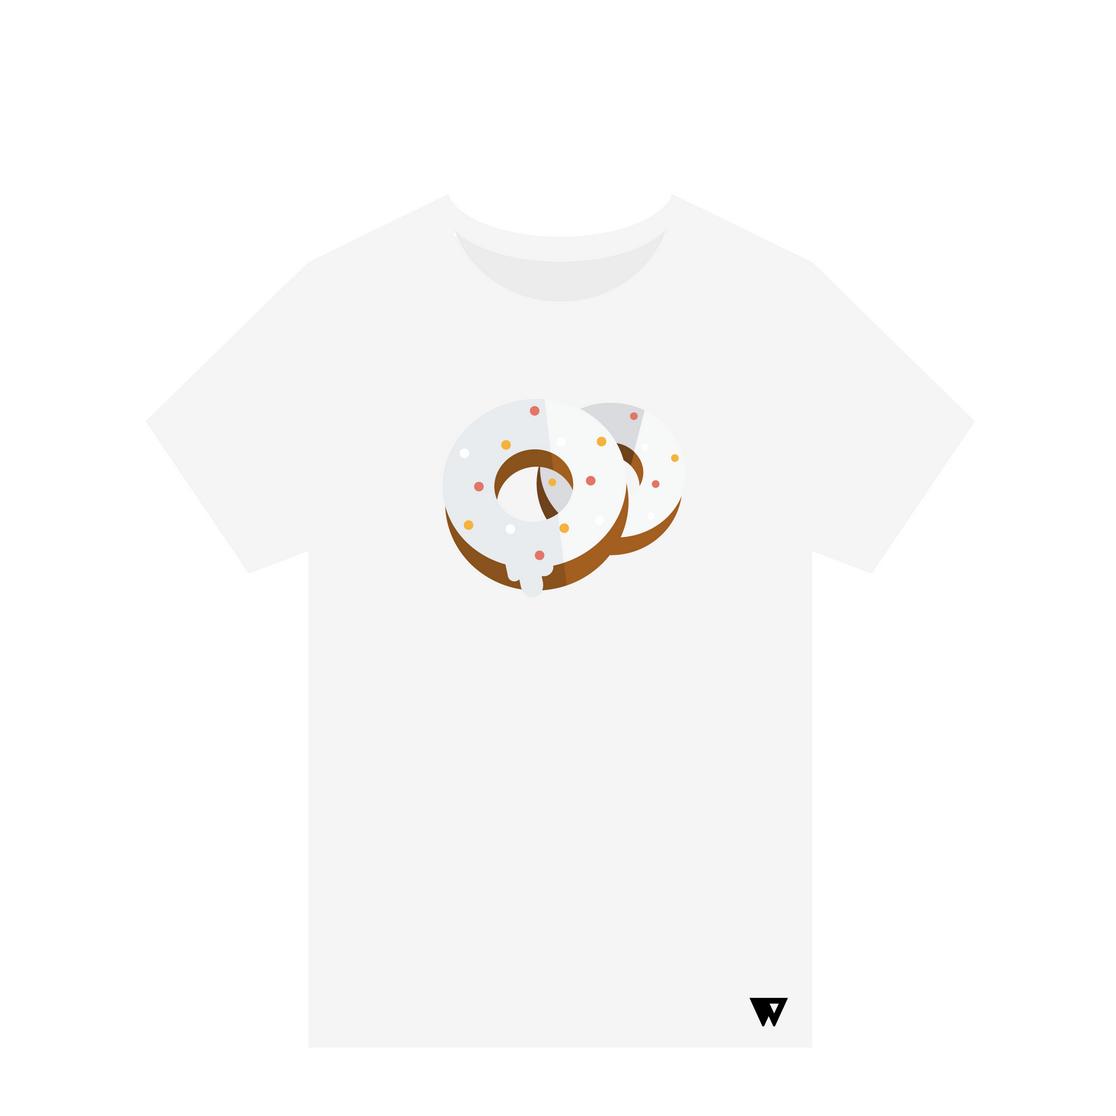 T-Shirt Donuts   Wuzzee